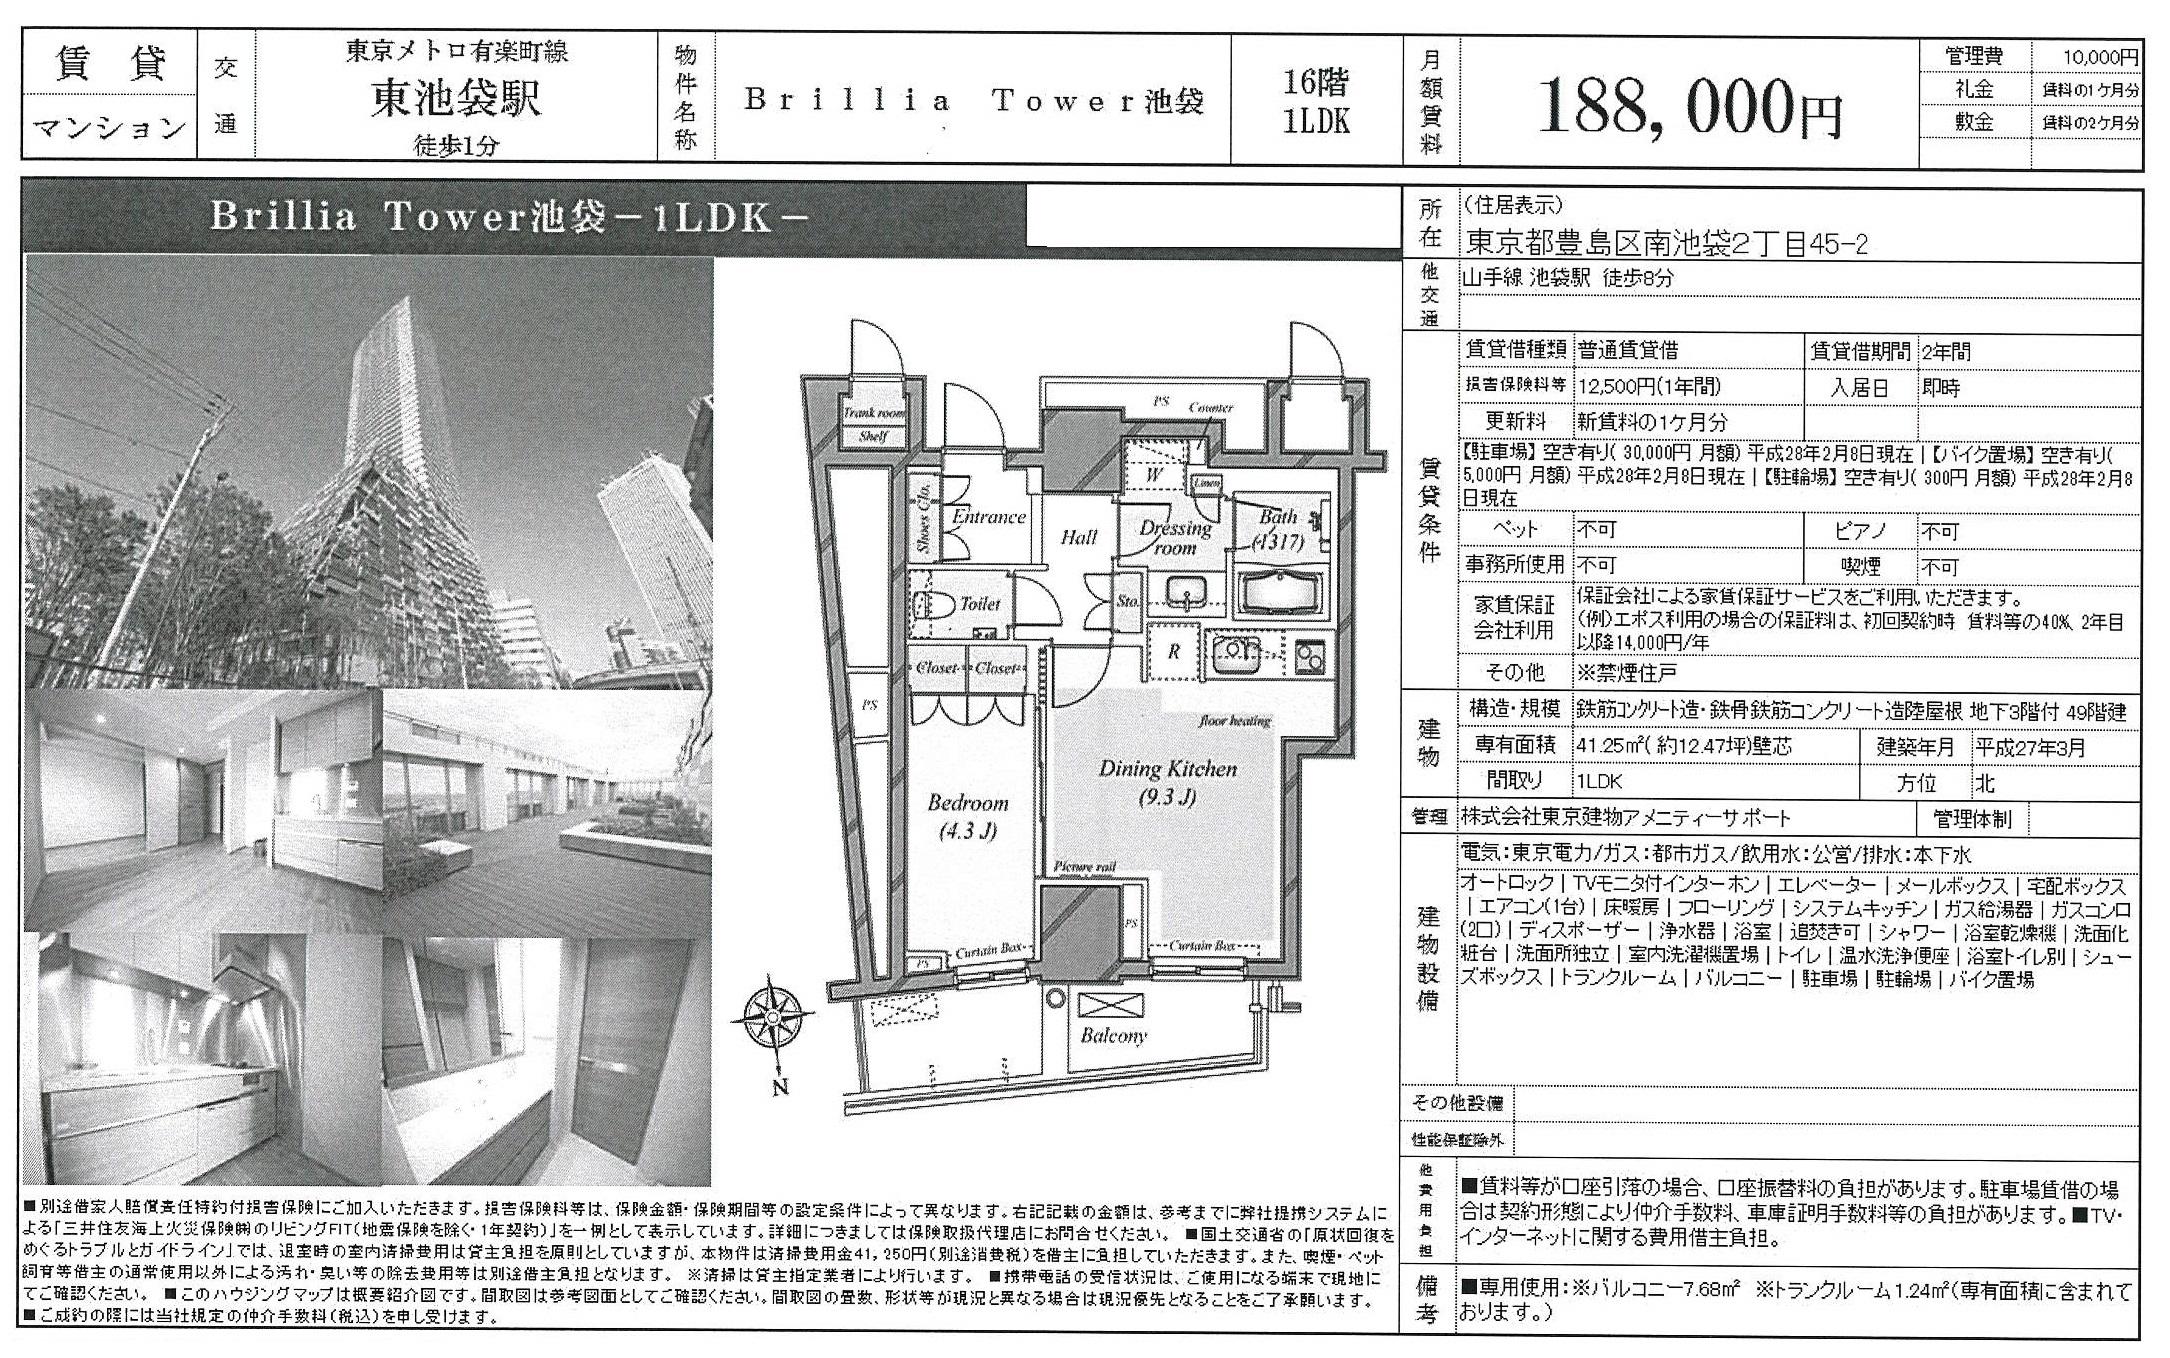 ブリリアタワー池袋図面1601号室